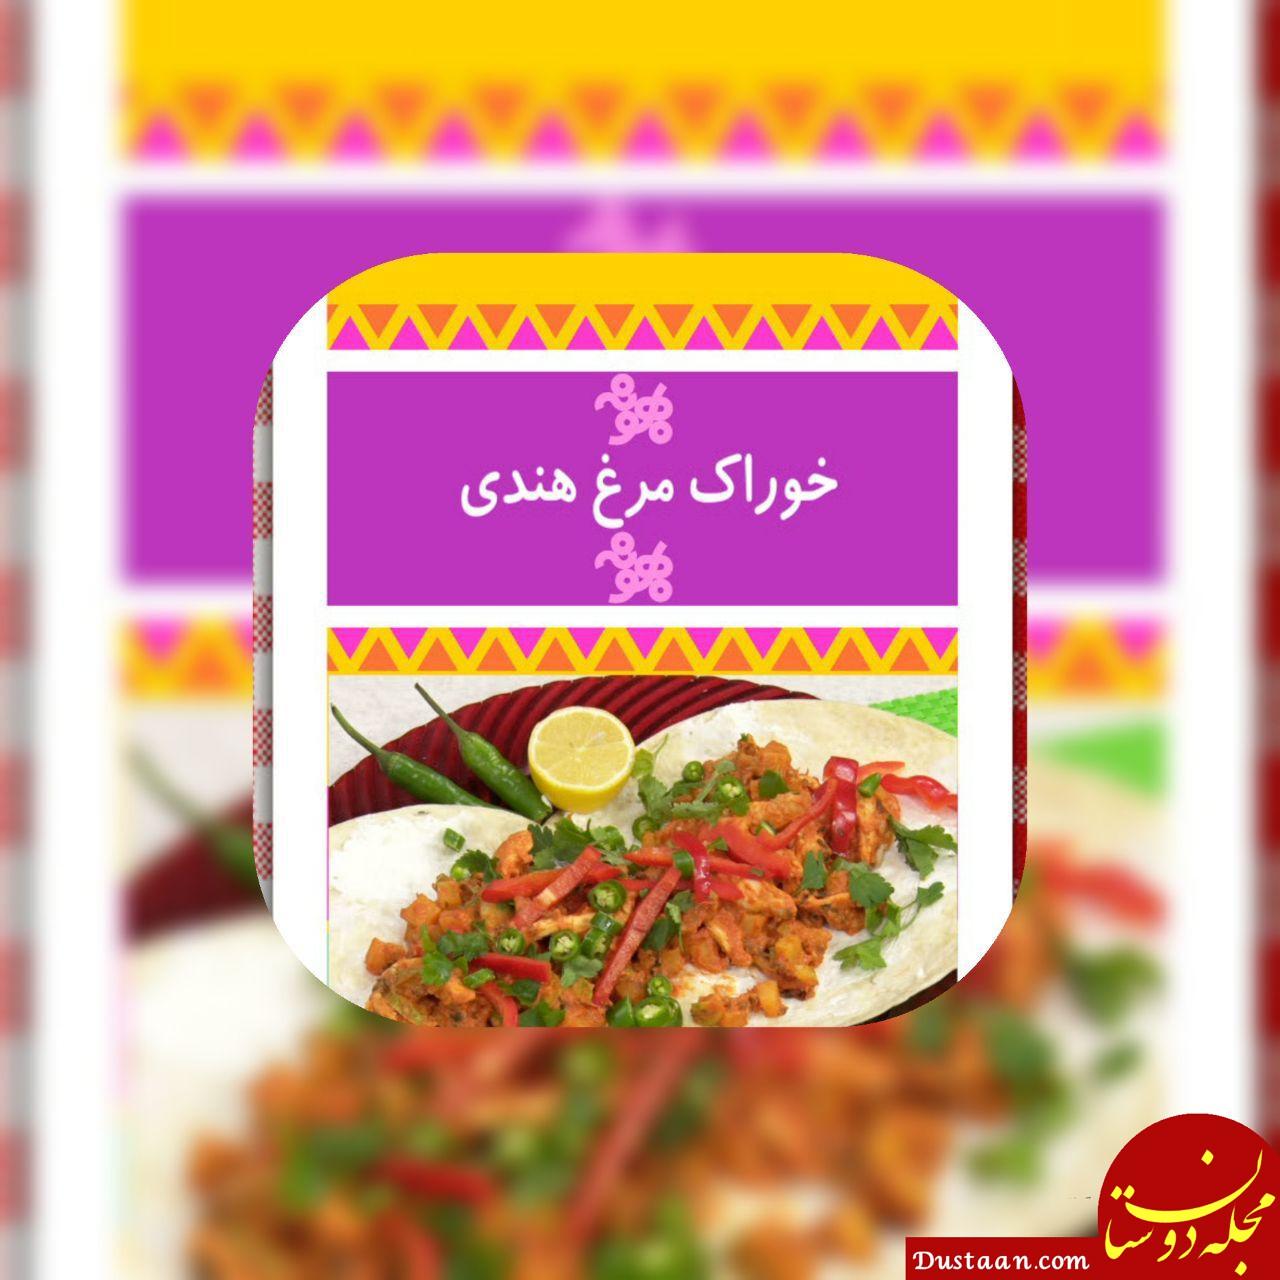 طرز تهیه خوراک مرغ هندی به سبکی خوشمزه